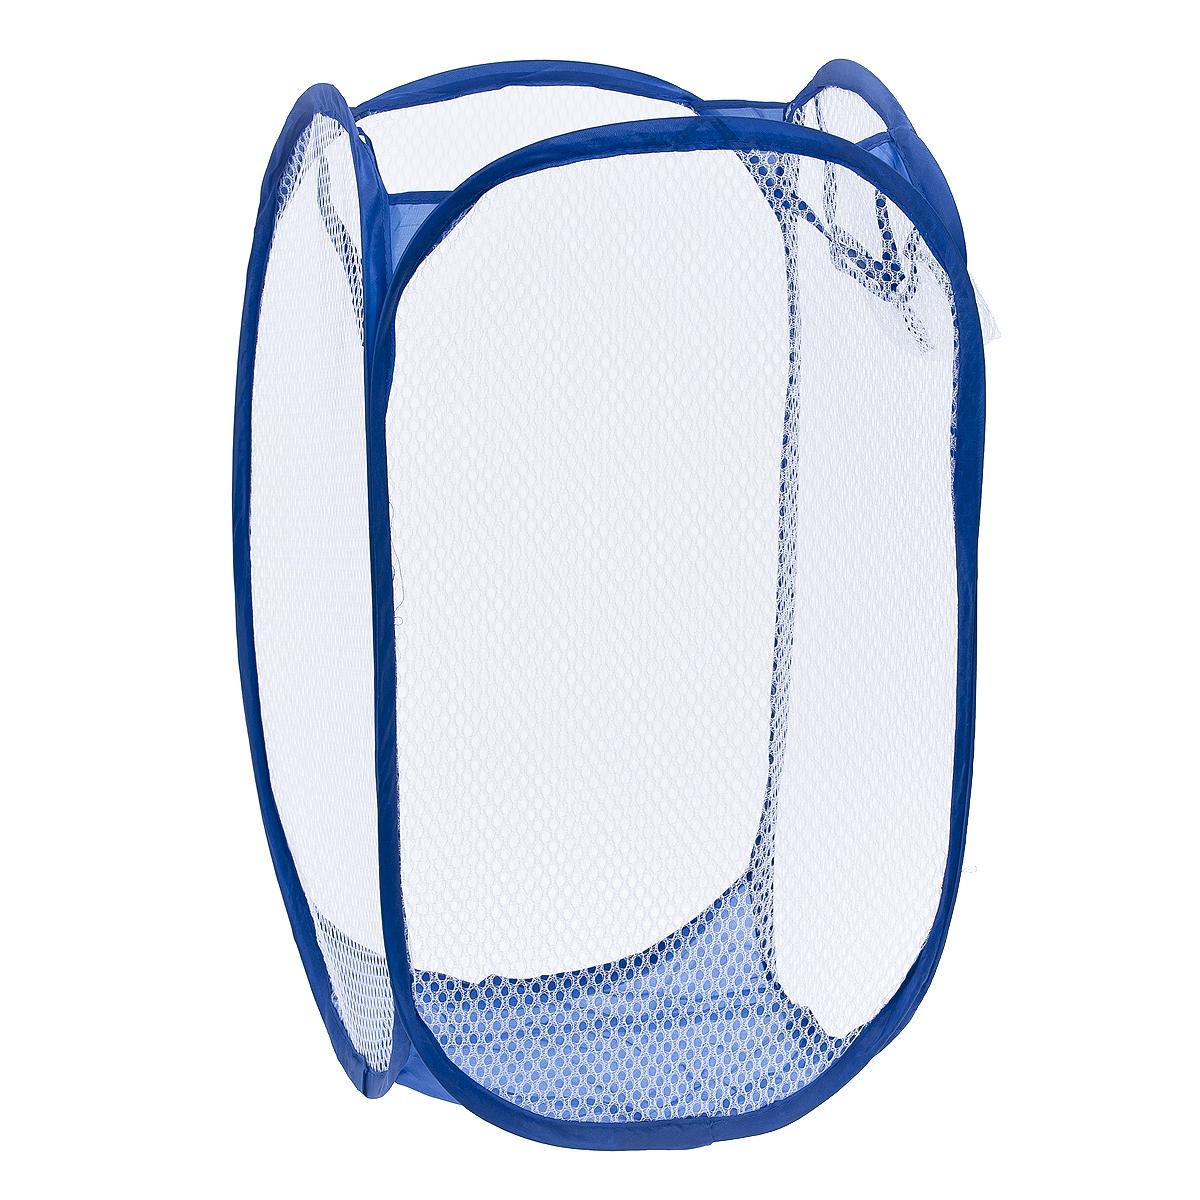 """Корзина для белья """"Fresh Code"""" изготовлена из полипропилена и металла и предназначена  для сбора и хранения  вещей перед стиркой. Компактная и  легкая складная корзина не занимает много места, аккуратно хранит белье, украшает  ванную комнату. Вместительная корзина выполнена в форме куба. Сверху имеются  ручки  для переноски корзины. С четырех сторон корзина выполнена из сетки, для вентиляции  белья. Сбоку  имеется карман. Корзина для белья """"Fresh Code"""" станет оригинальным  украшением интерьера ванной комнаты."""